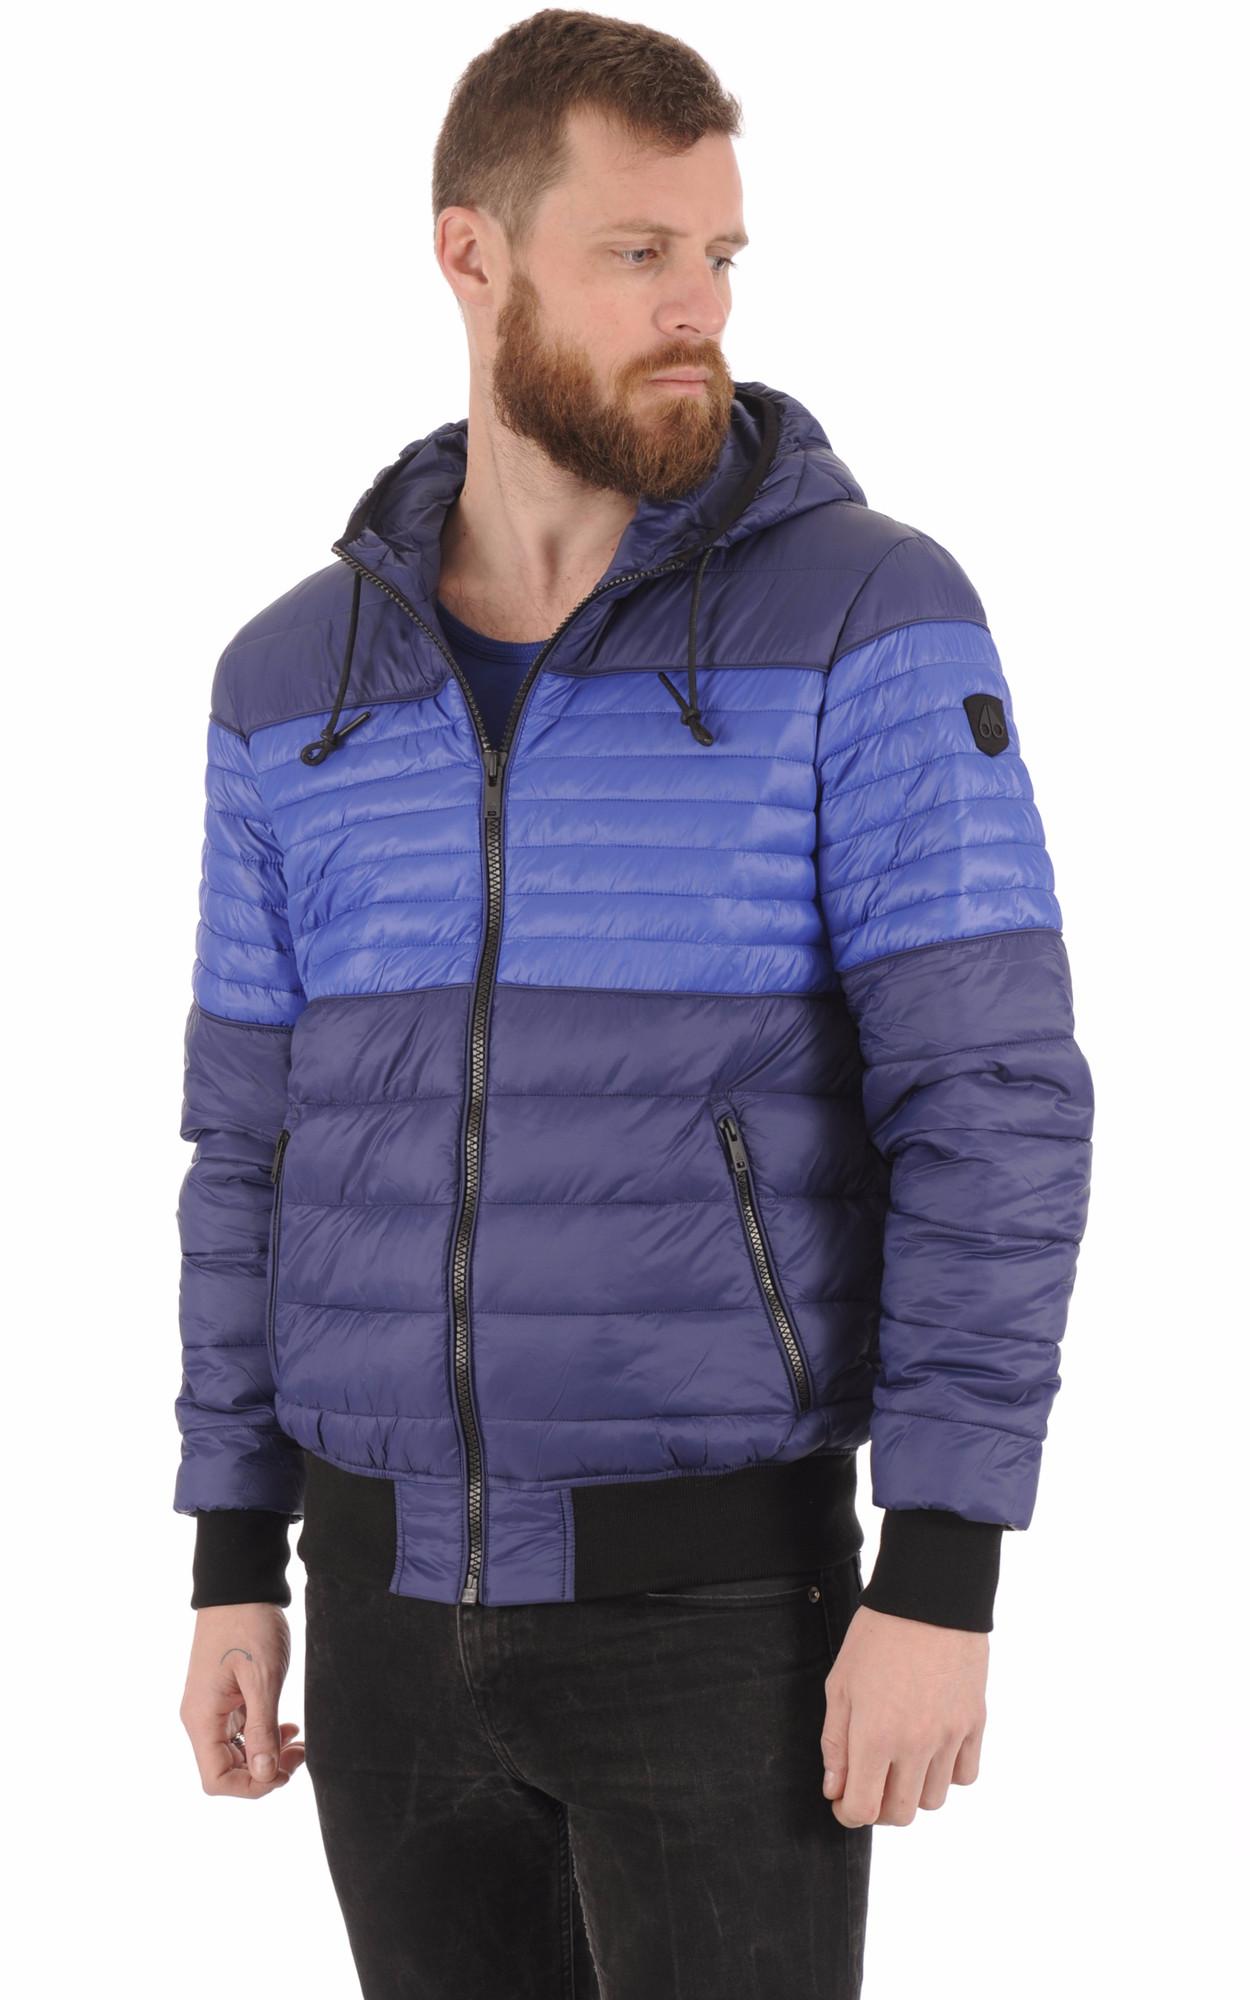 Doudoune Fine Homme Terra Nova bleue1